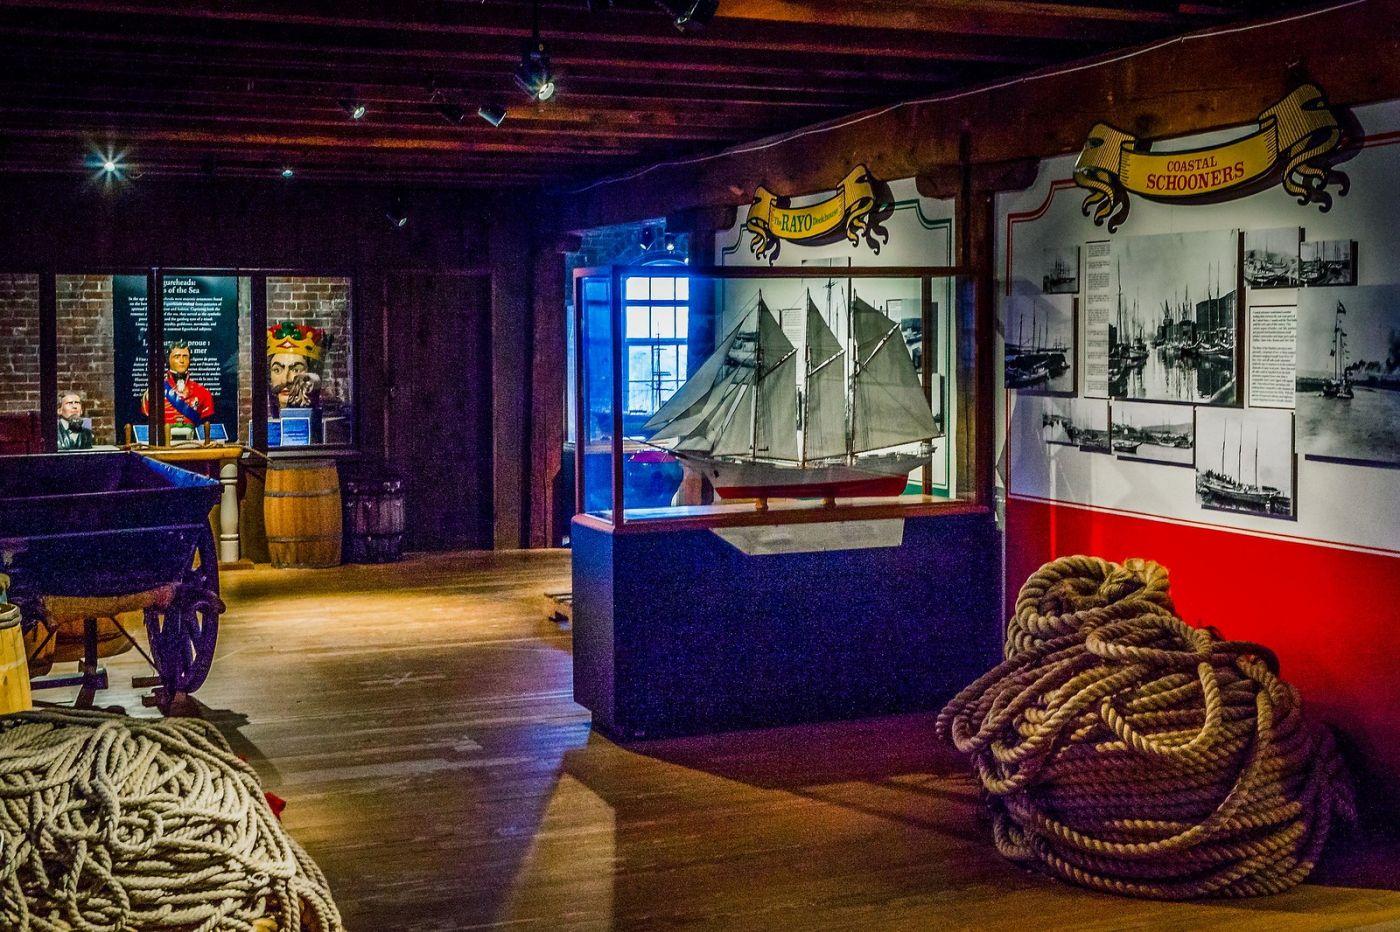 加拿大哈利法克斯(Halifax)大西洋海事博物馆_图1-4